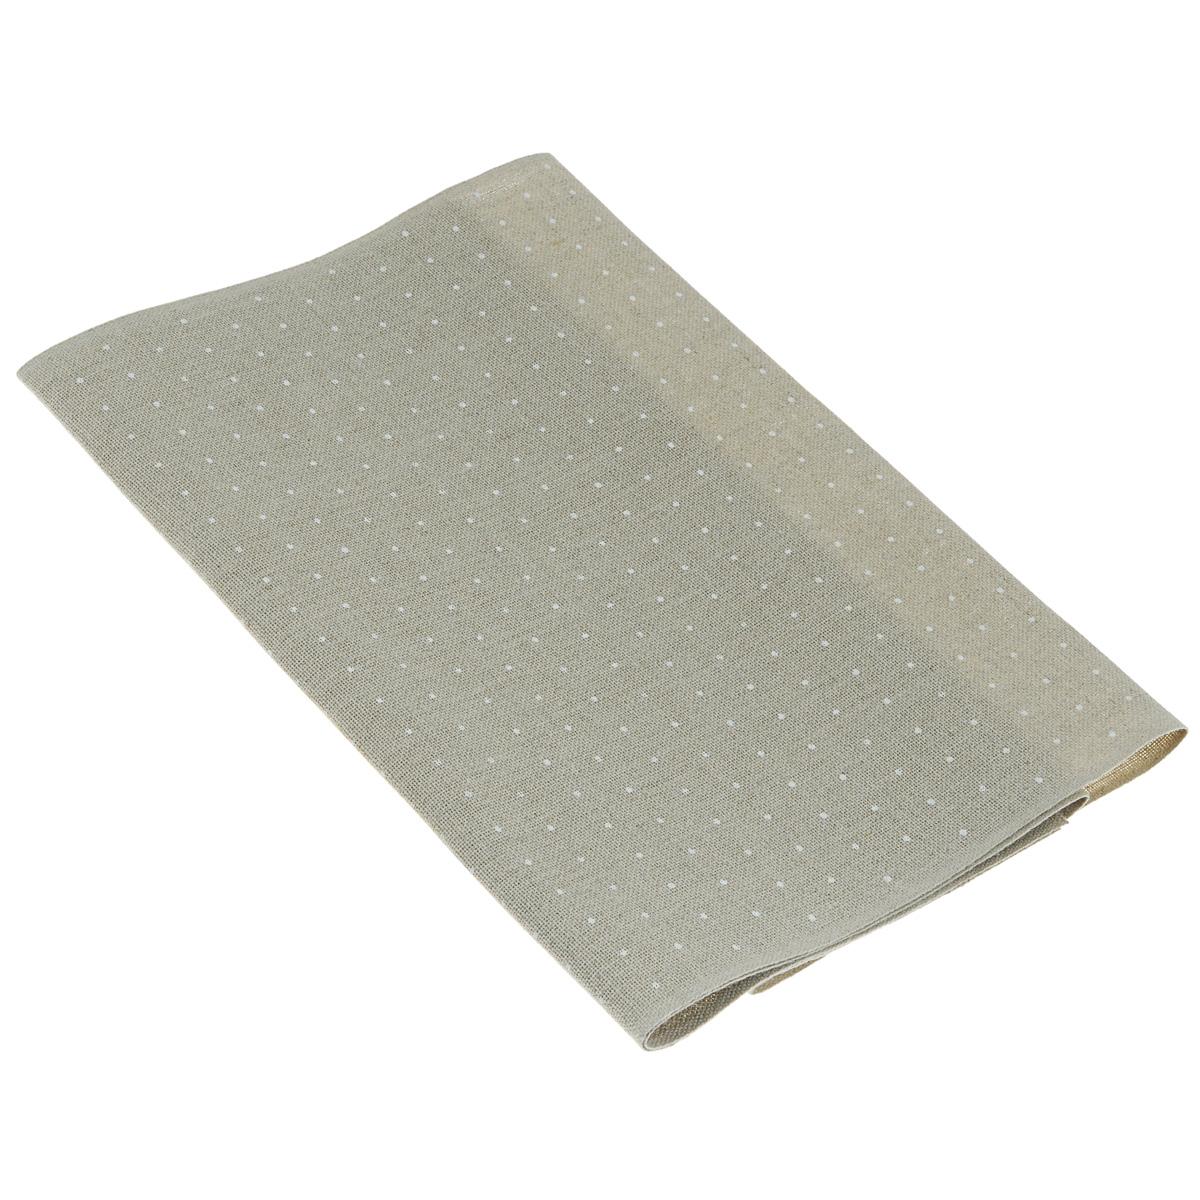 Основа для вышивания крестом или гладью Vaupel & Heilenbeck, с рисунком, цвет: льняной, белый, 30 см х 100 см. 5162-300-9019005162-300-901900Основа для вышивания крестом или гладью Vaupel & Heilenbeck представляет собой 11-ти ниточную дорожку, выполненную из 100% льна. Изделие декорировано принтом в горох. Воплотите свои идеи на этой основе для вышивания! Дорожка, украшенная своими руками, дополнит интерьер любого помещения, а также сможет стать изысканным подарком для ваших друзей и близких.